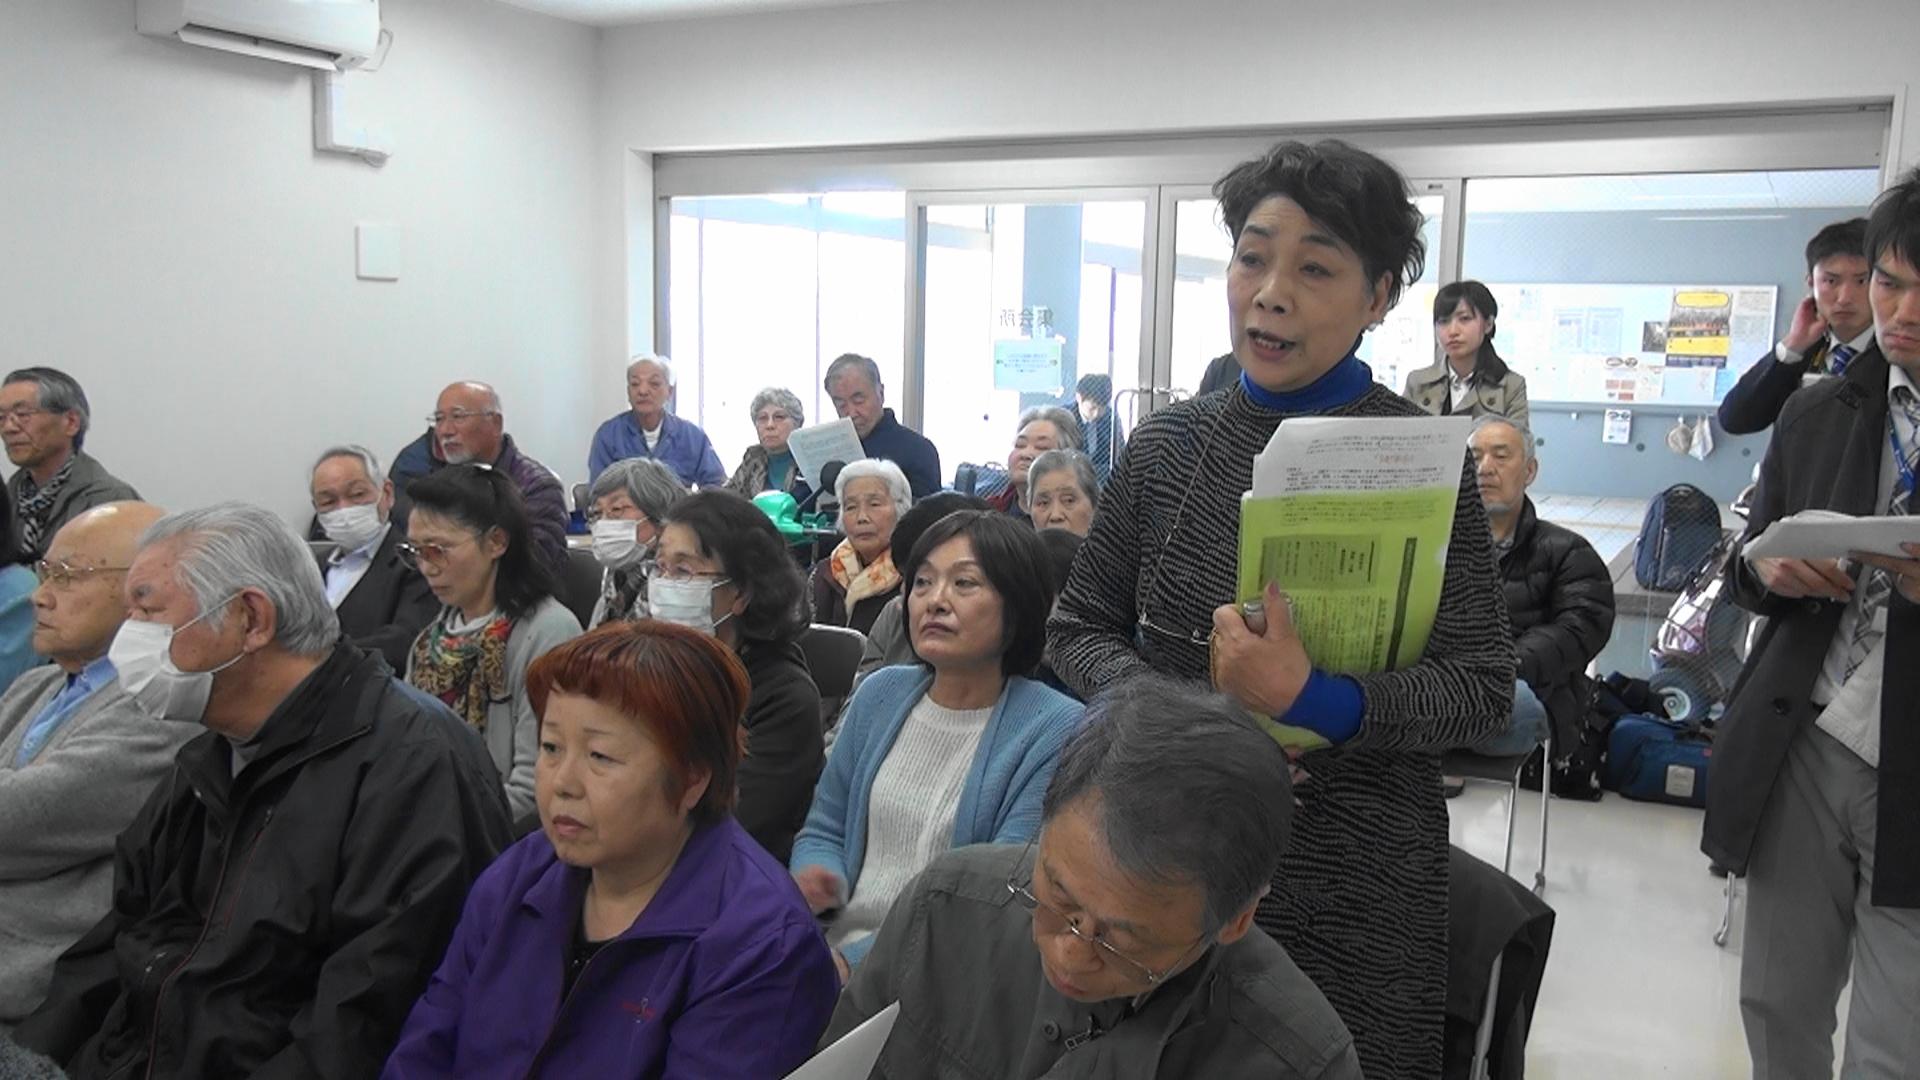 【動画】日照問題で仙台市と話し合い あすと長町復興住宅